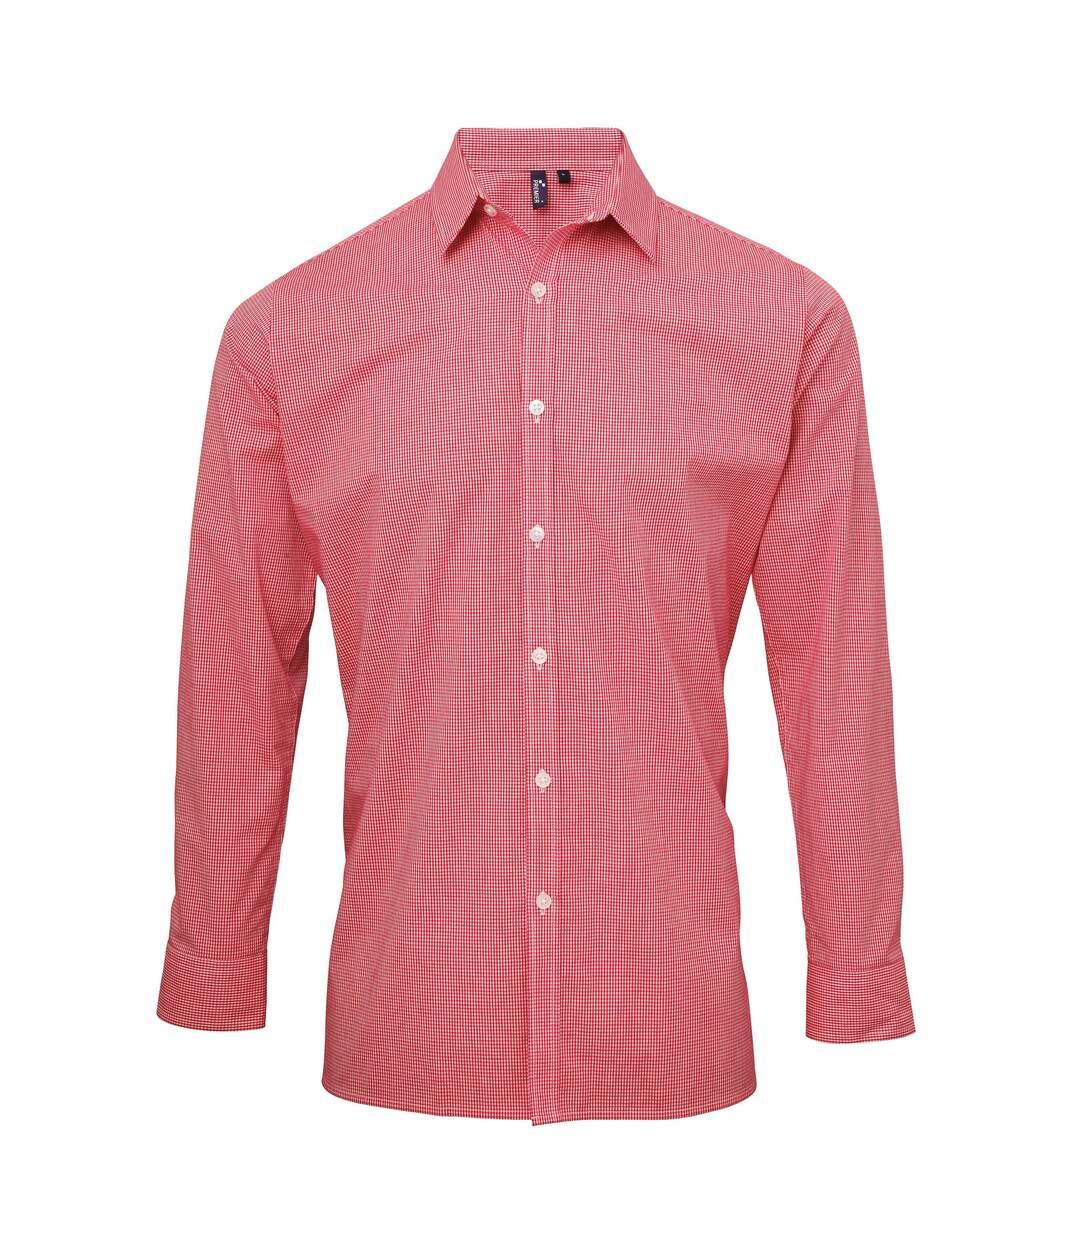 Premier Mens Microcheck Long Sleeve Shirt (Red/White) - UTRW5526